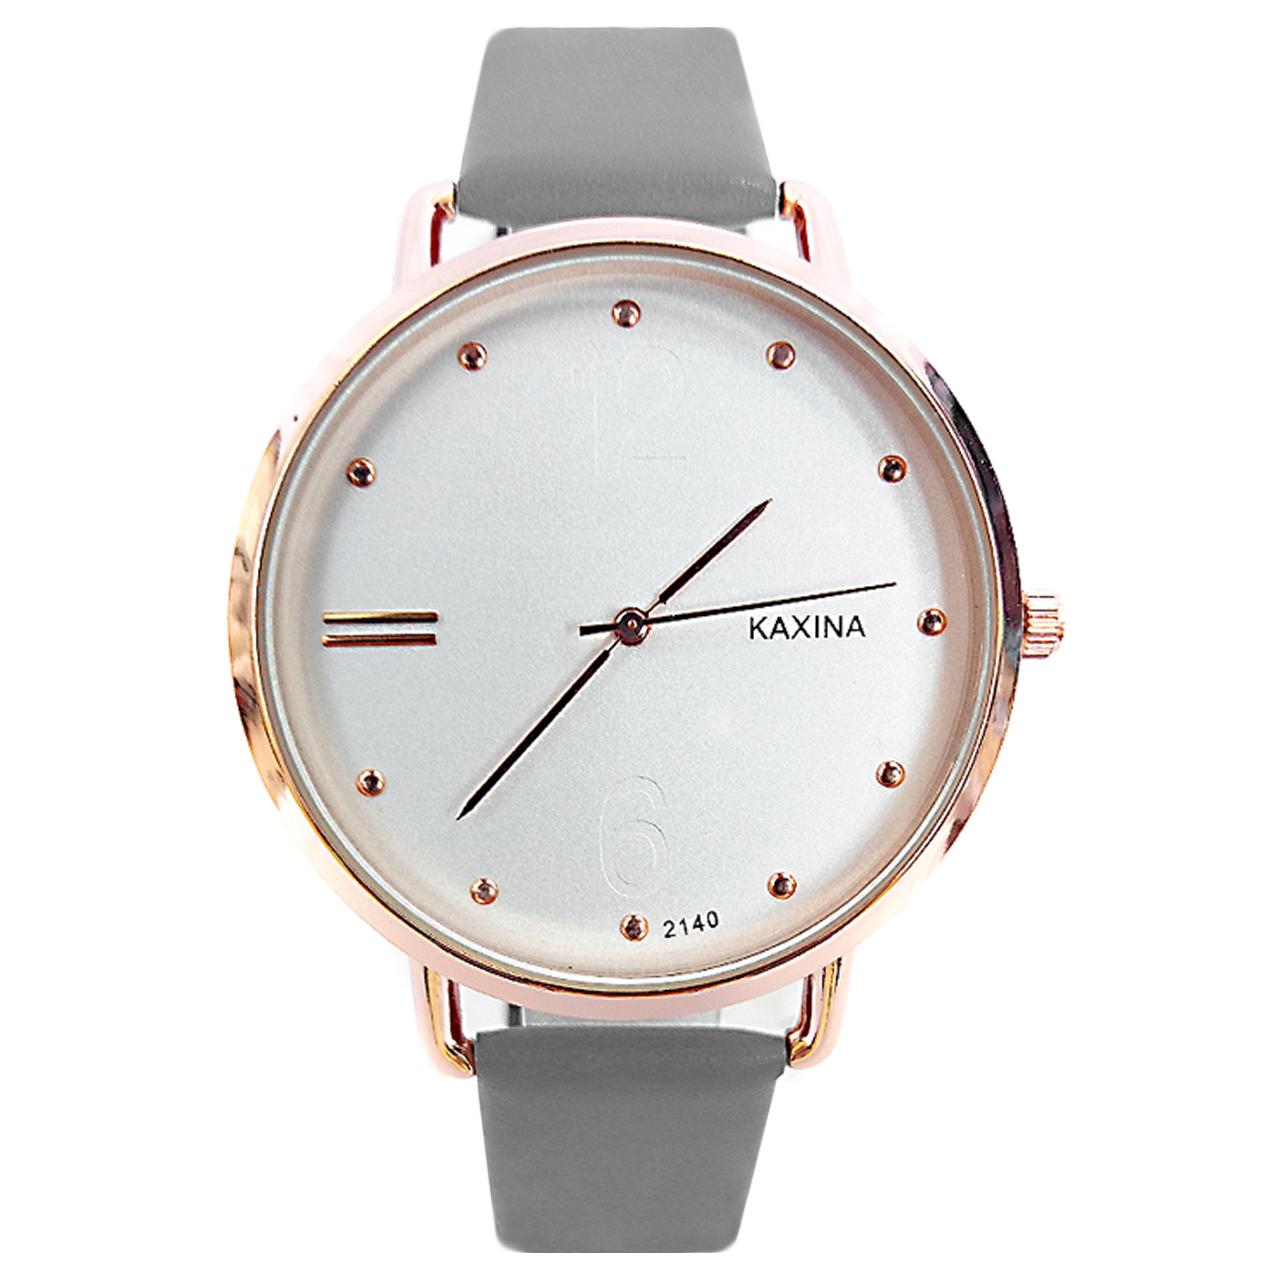 ساعت مچی عقربه ای کاکسینا مدل 2145